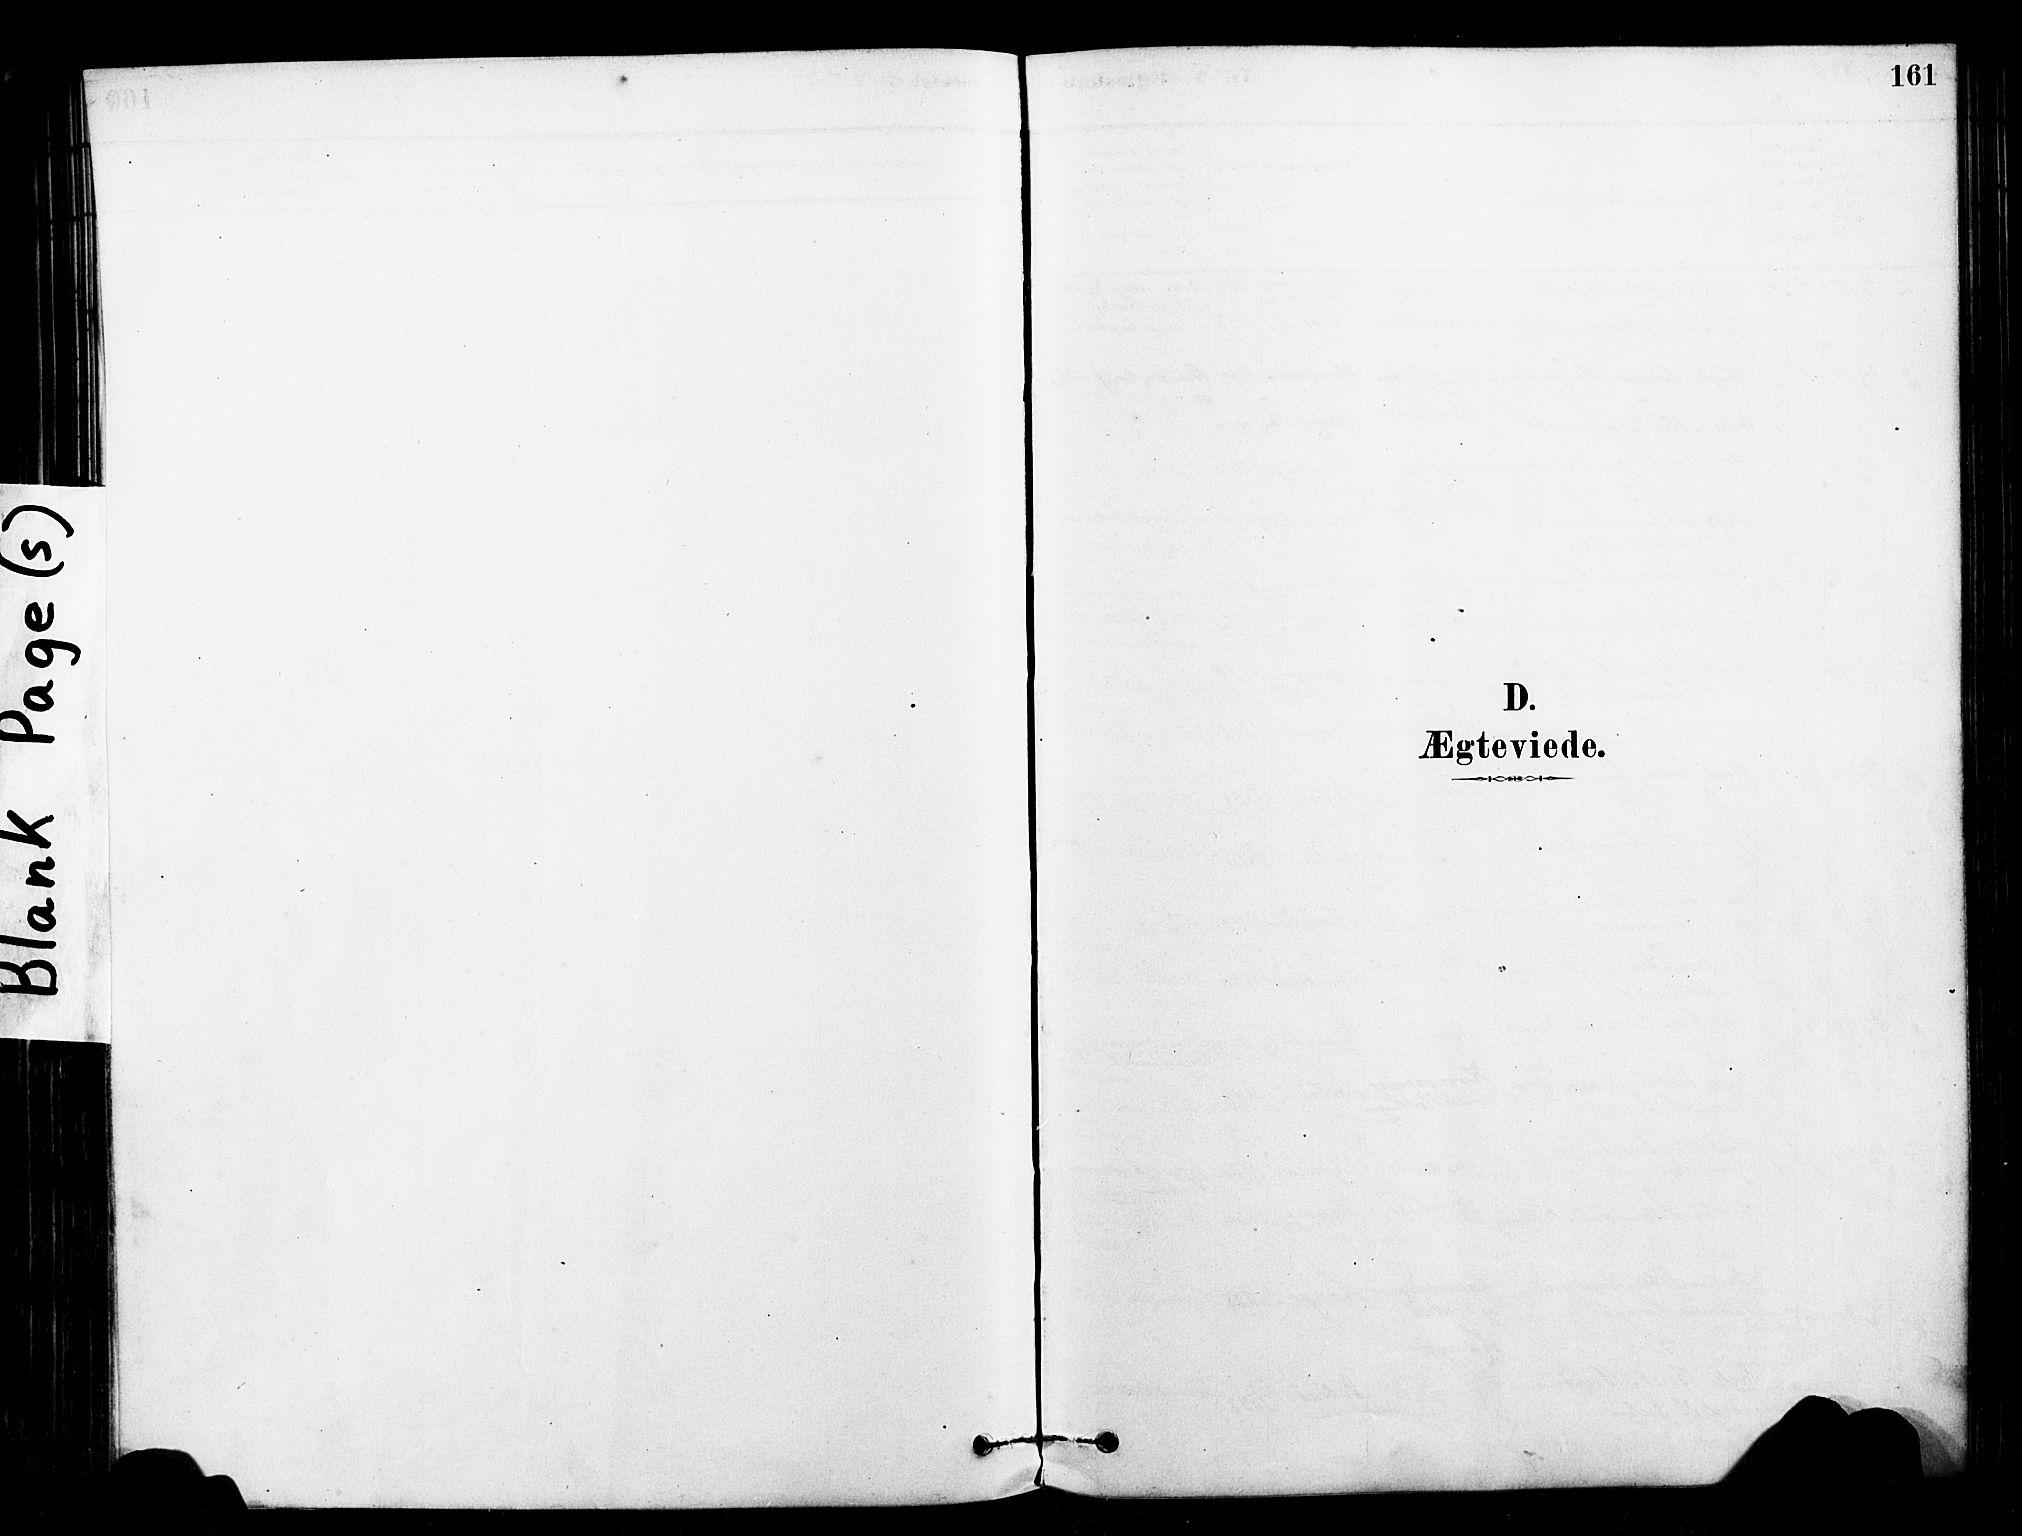 SAT, Ministerialprotokoller, klokkerbøker og fødselsregistre - Sør-Trøndelag, 640/L0578: Ministerialbok nr. 640A03, 1879-1889, s. 161